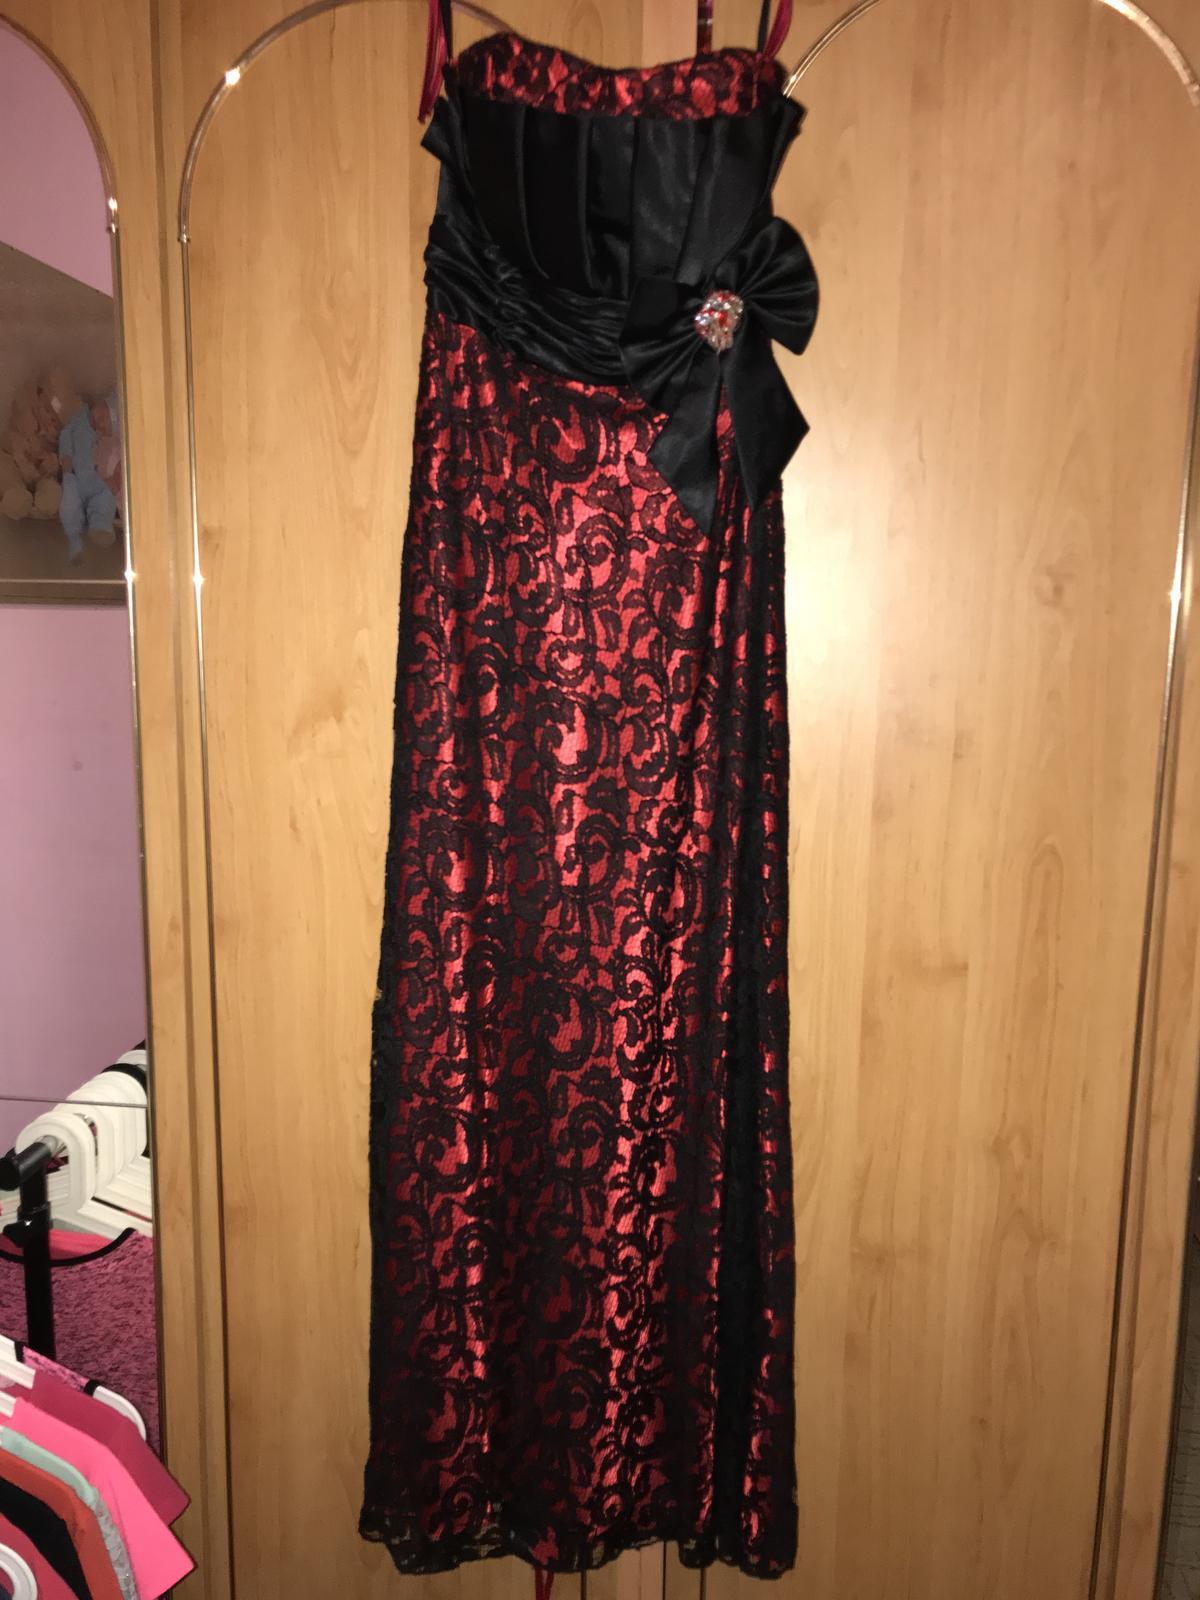 Dlhé saty s cipkou červení čierne satenove  - Obrázok č. 1